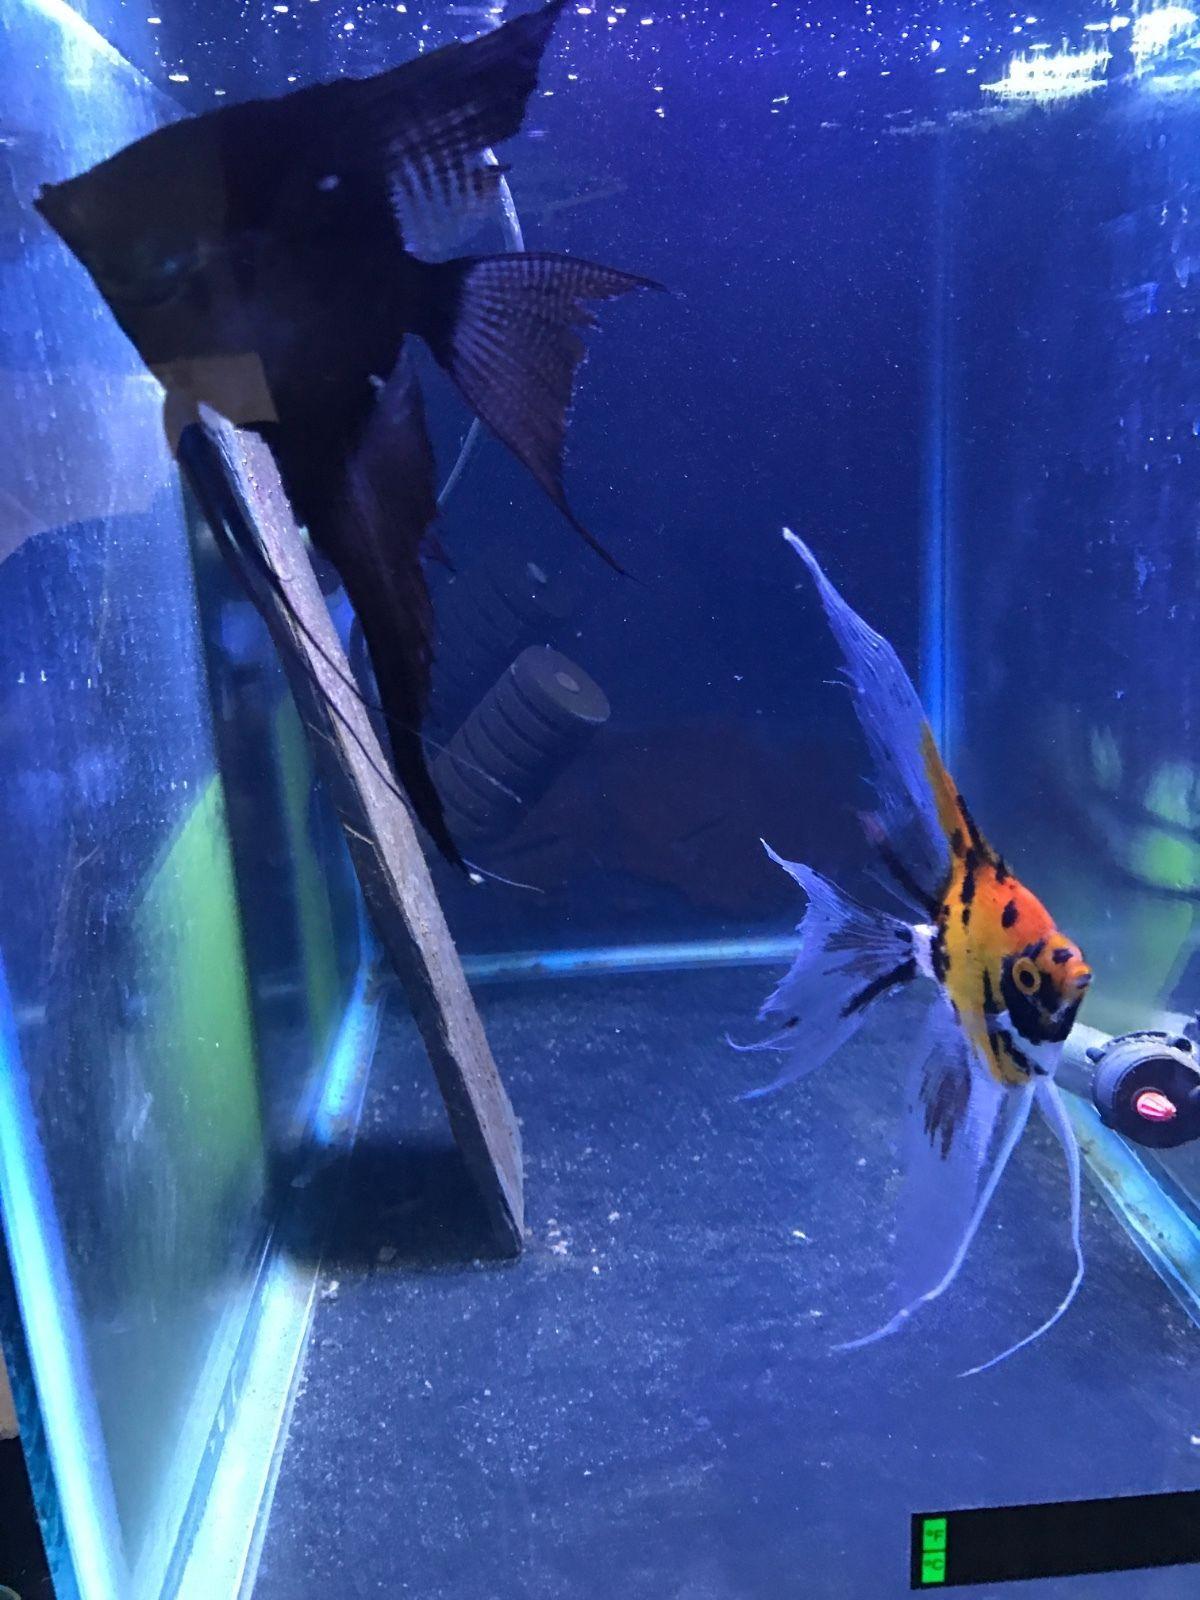 01985513bfb62b6a6368ce005bc83fc1 Frais De Aquarium Tropical Schème